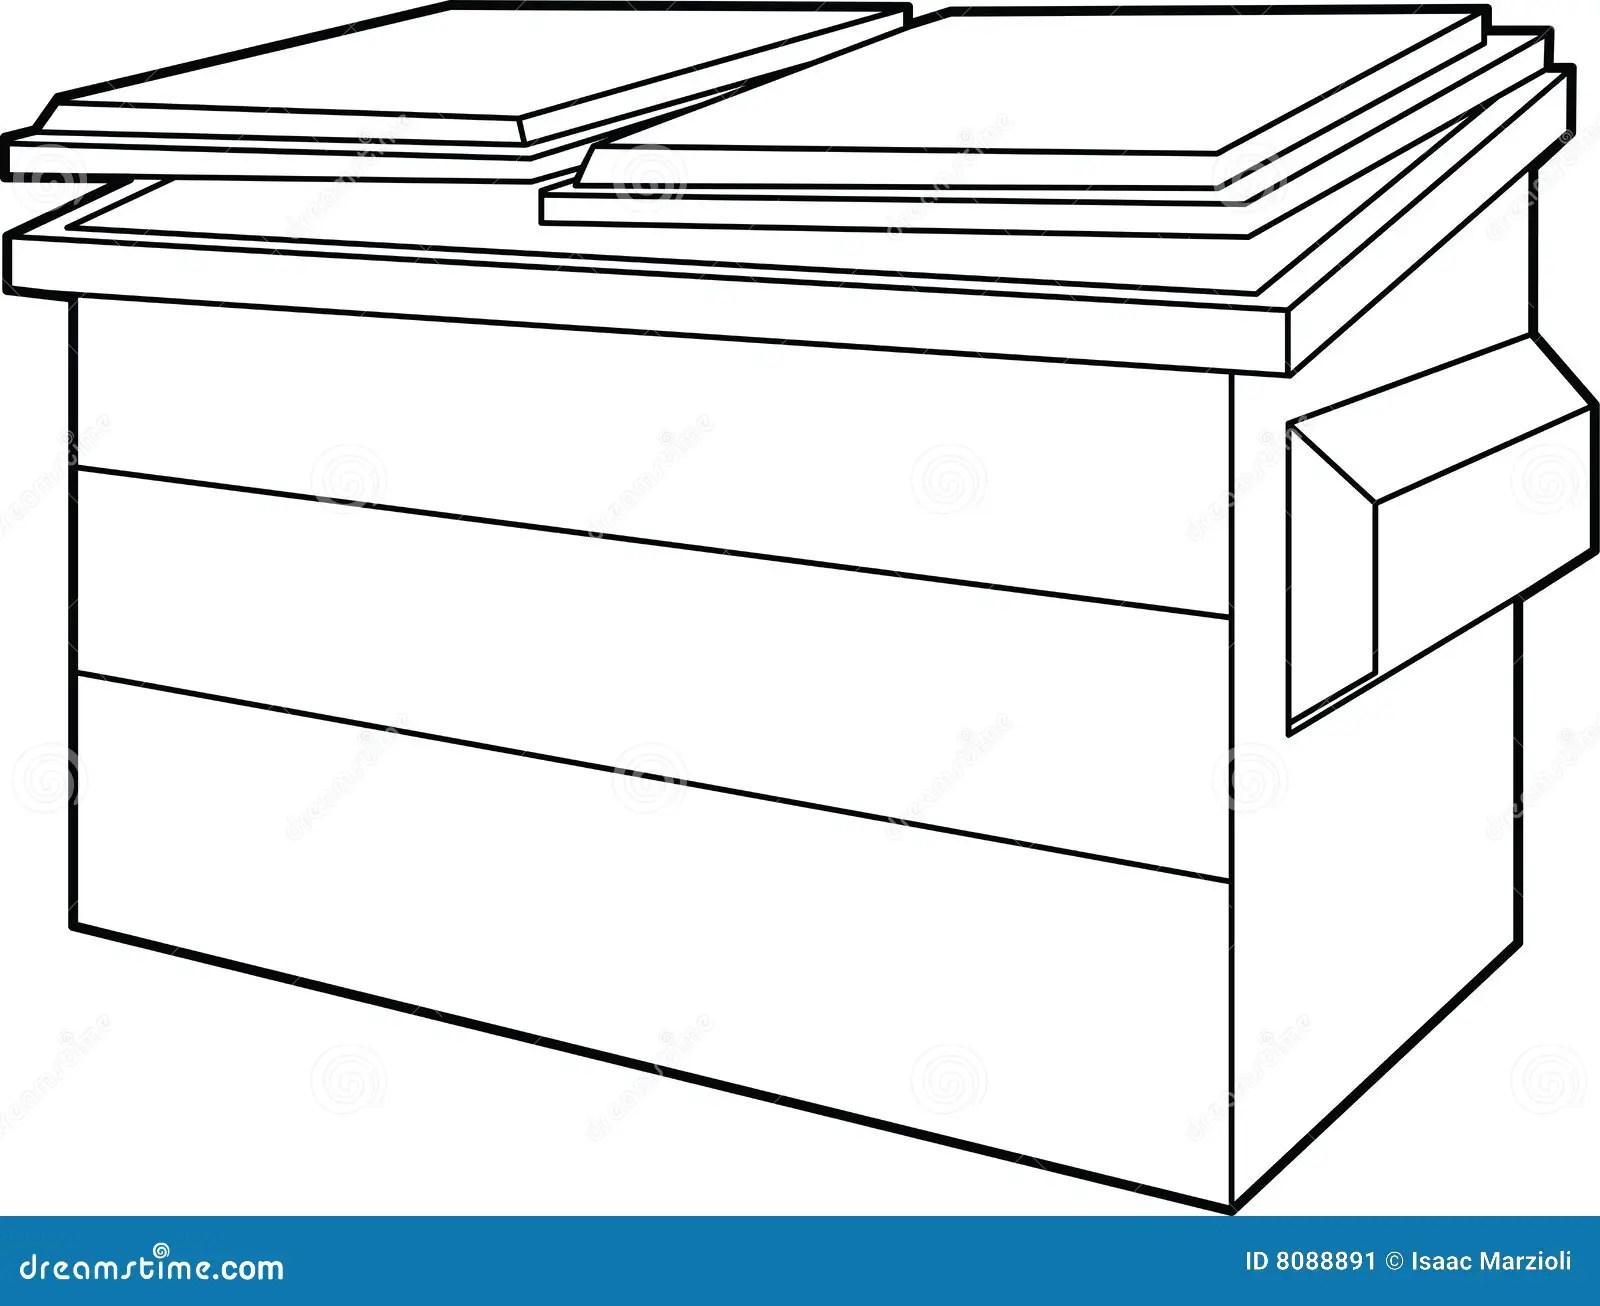 Dumpster Stock Vector Illustration Of Dump Black